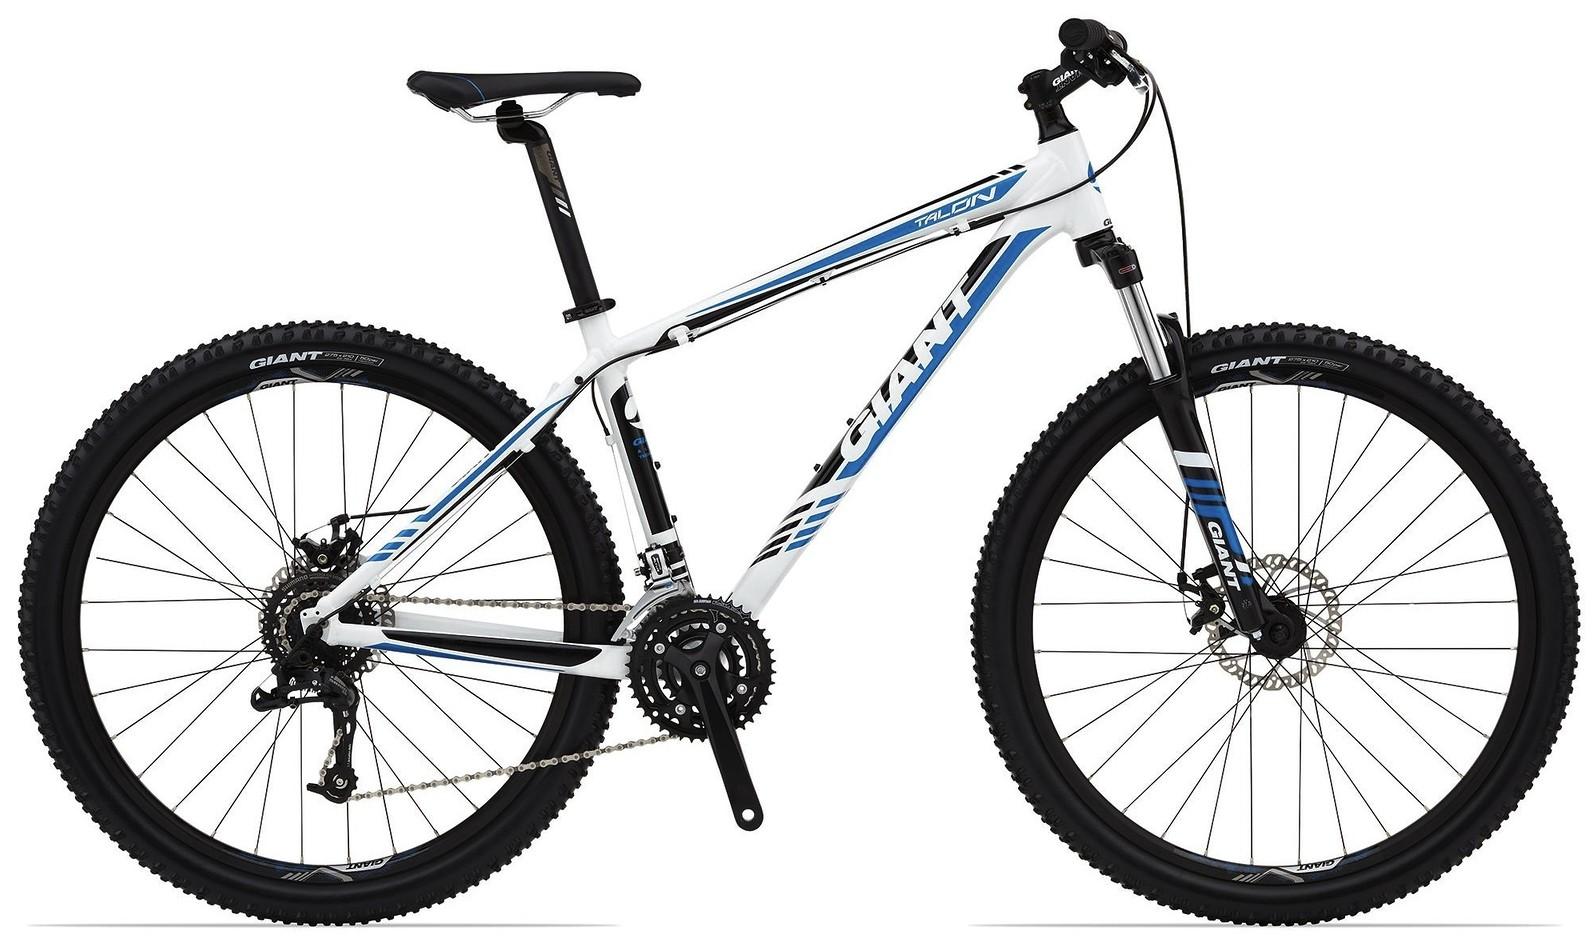 2014 Giant Talon 27.5 5 Bike - Reviews, Comparisons, Specs ...